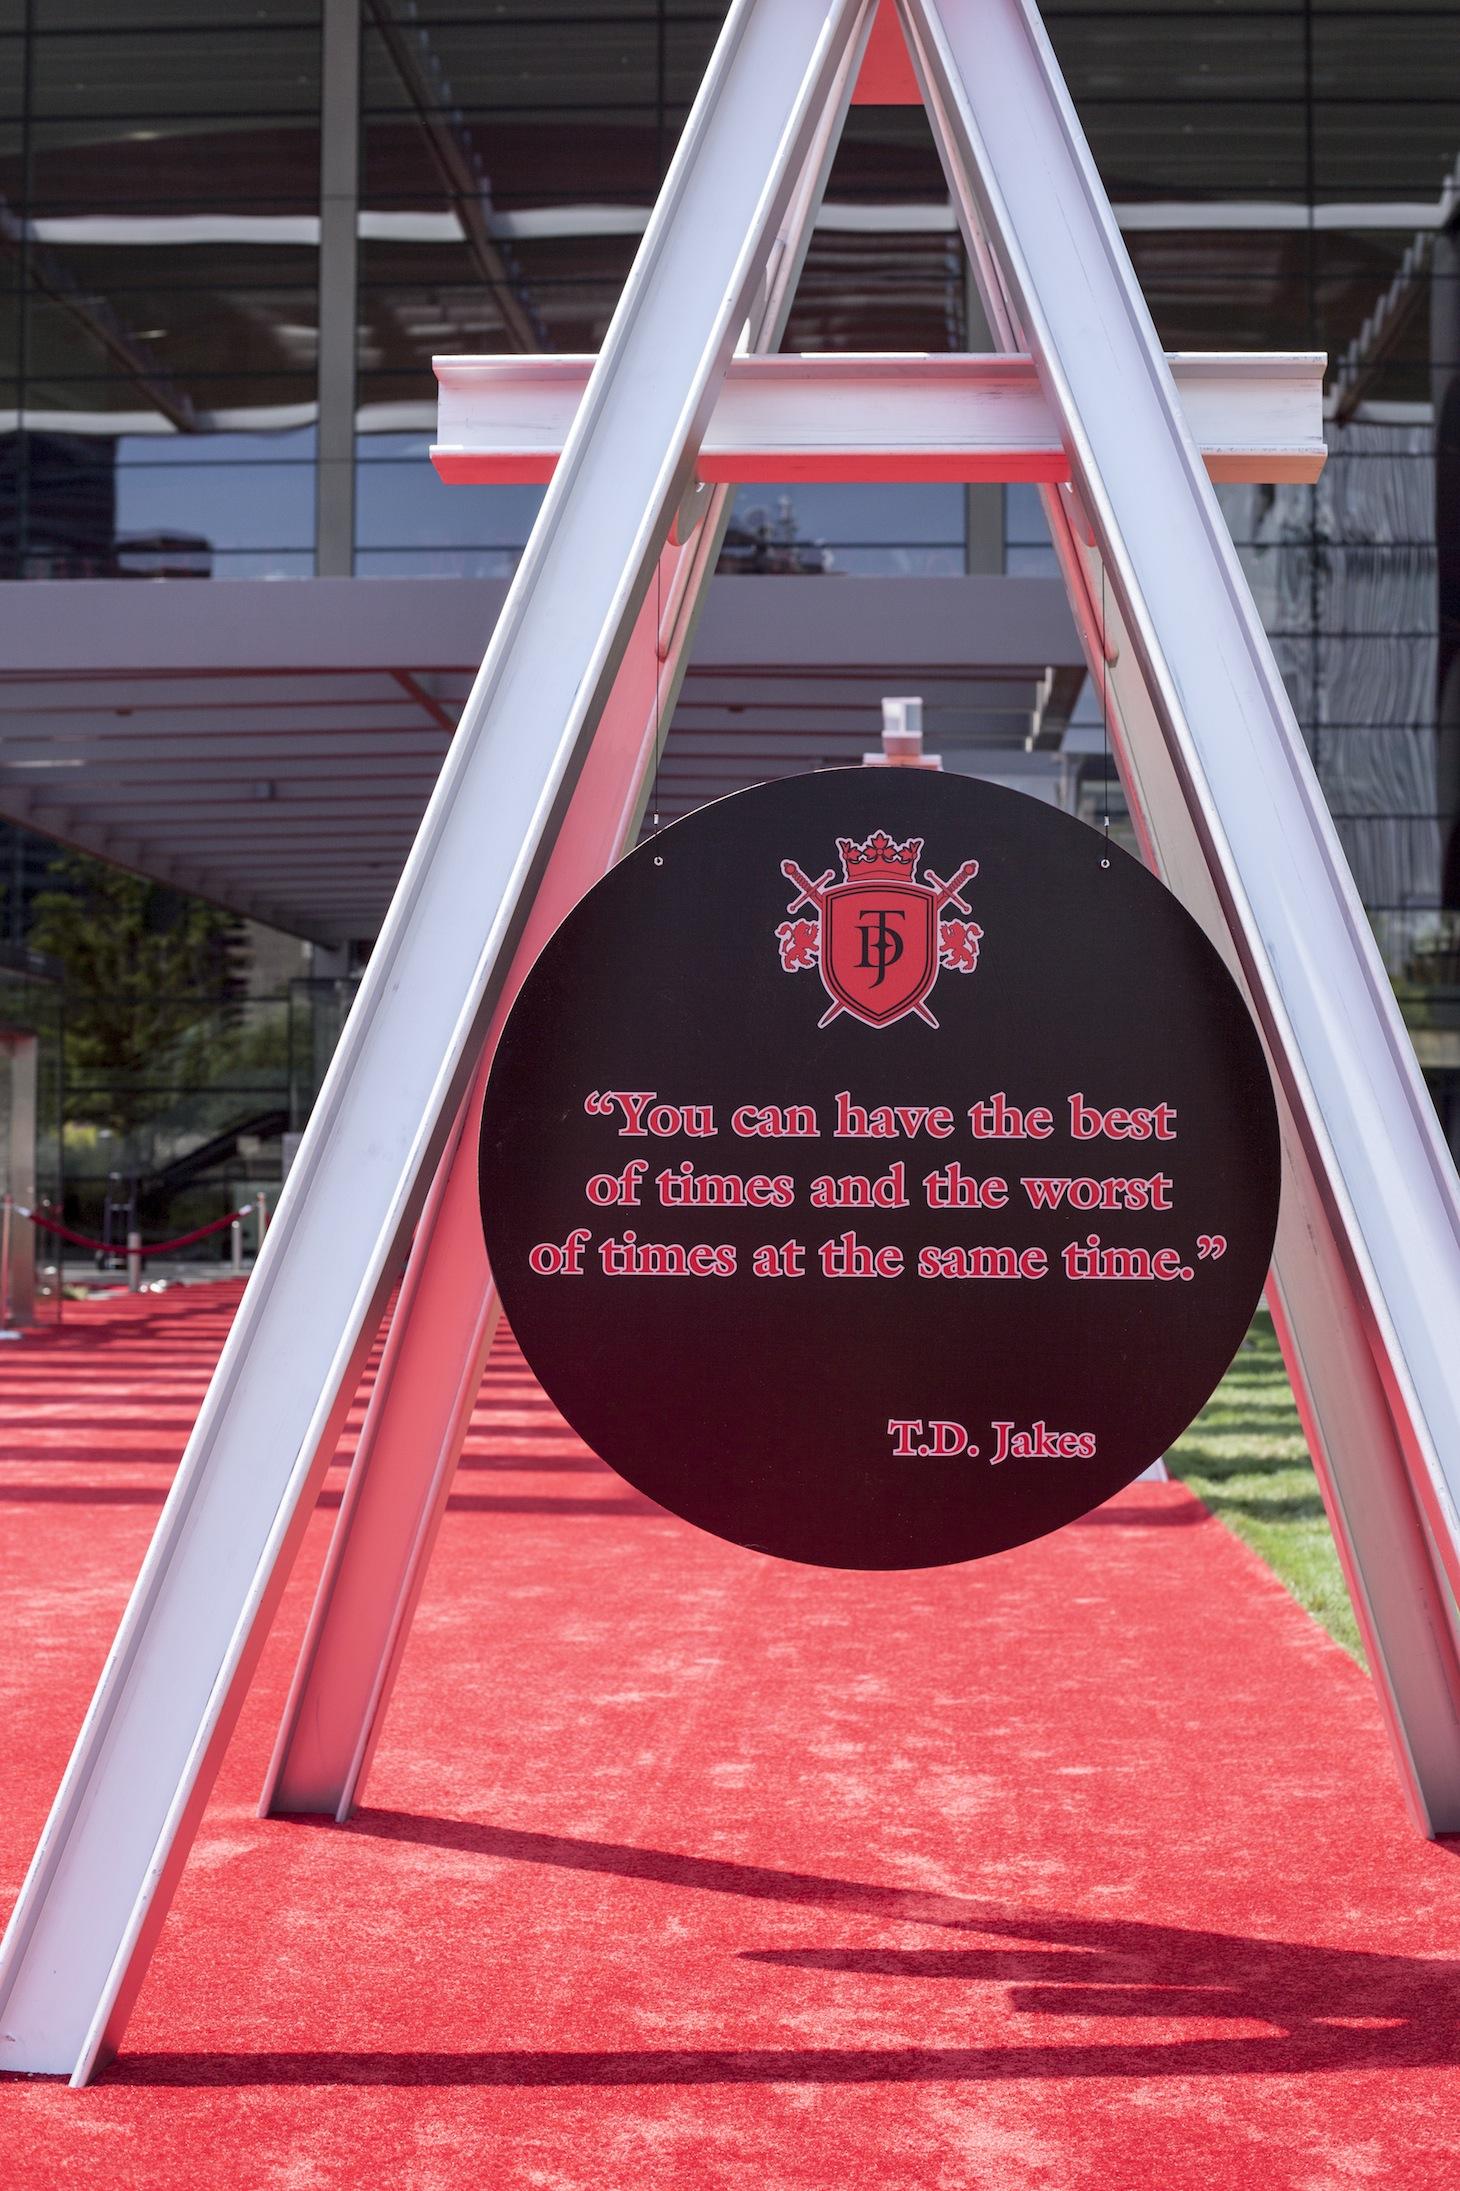 Center quote #6